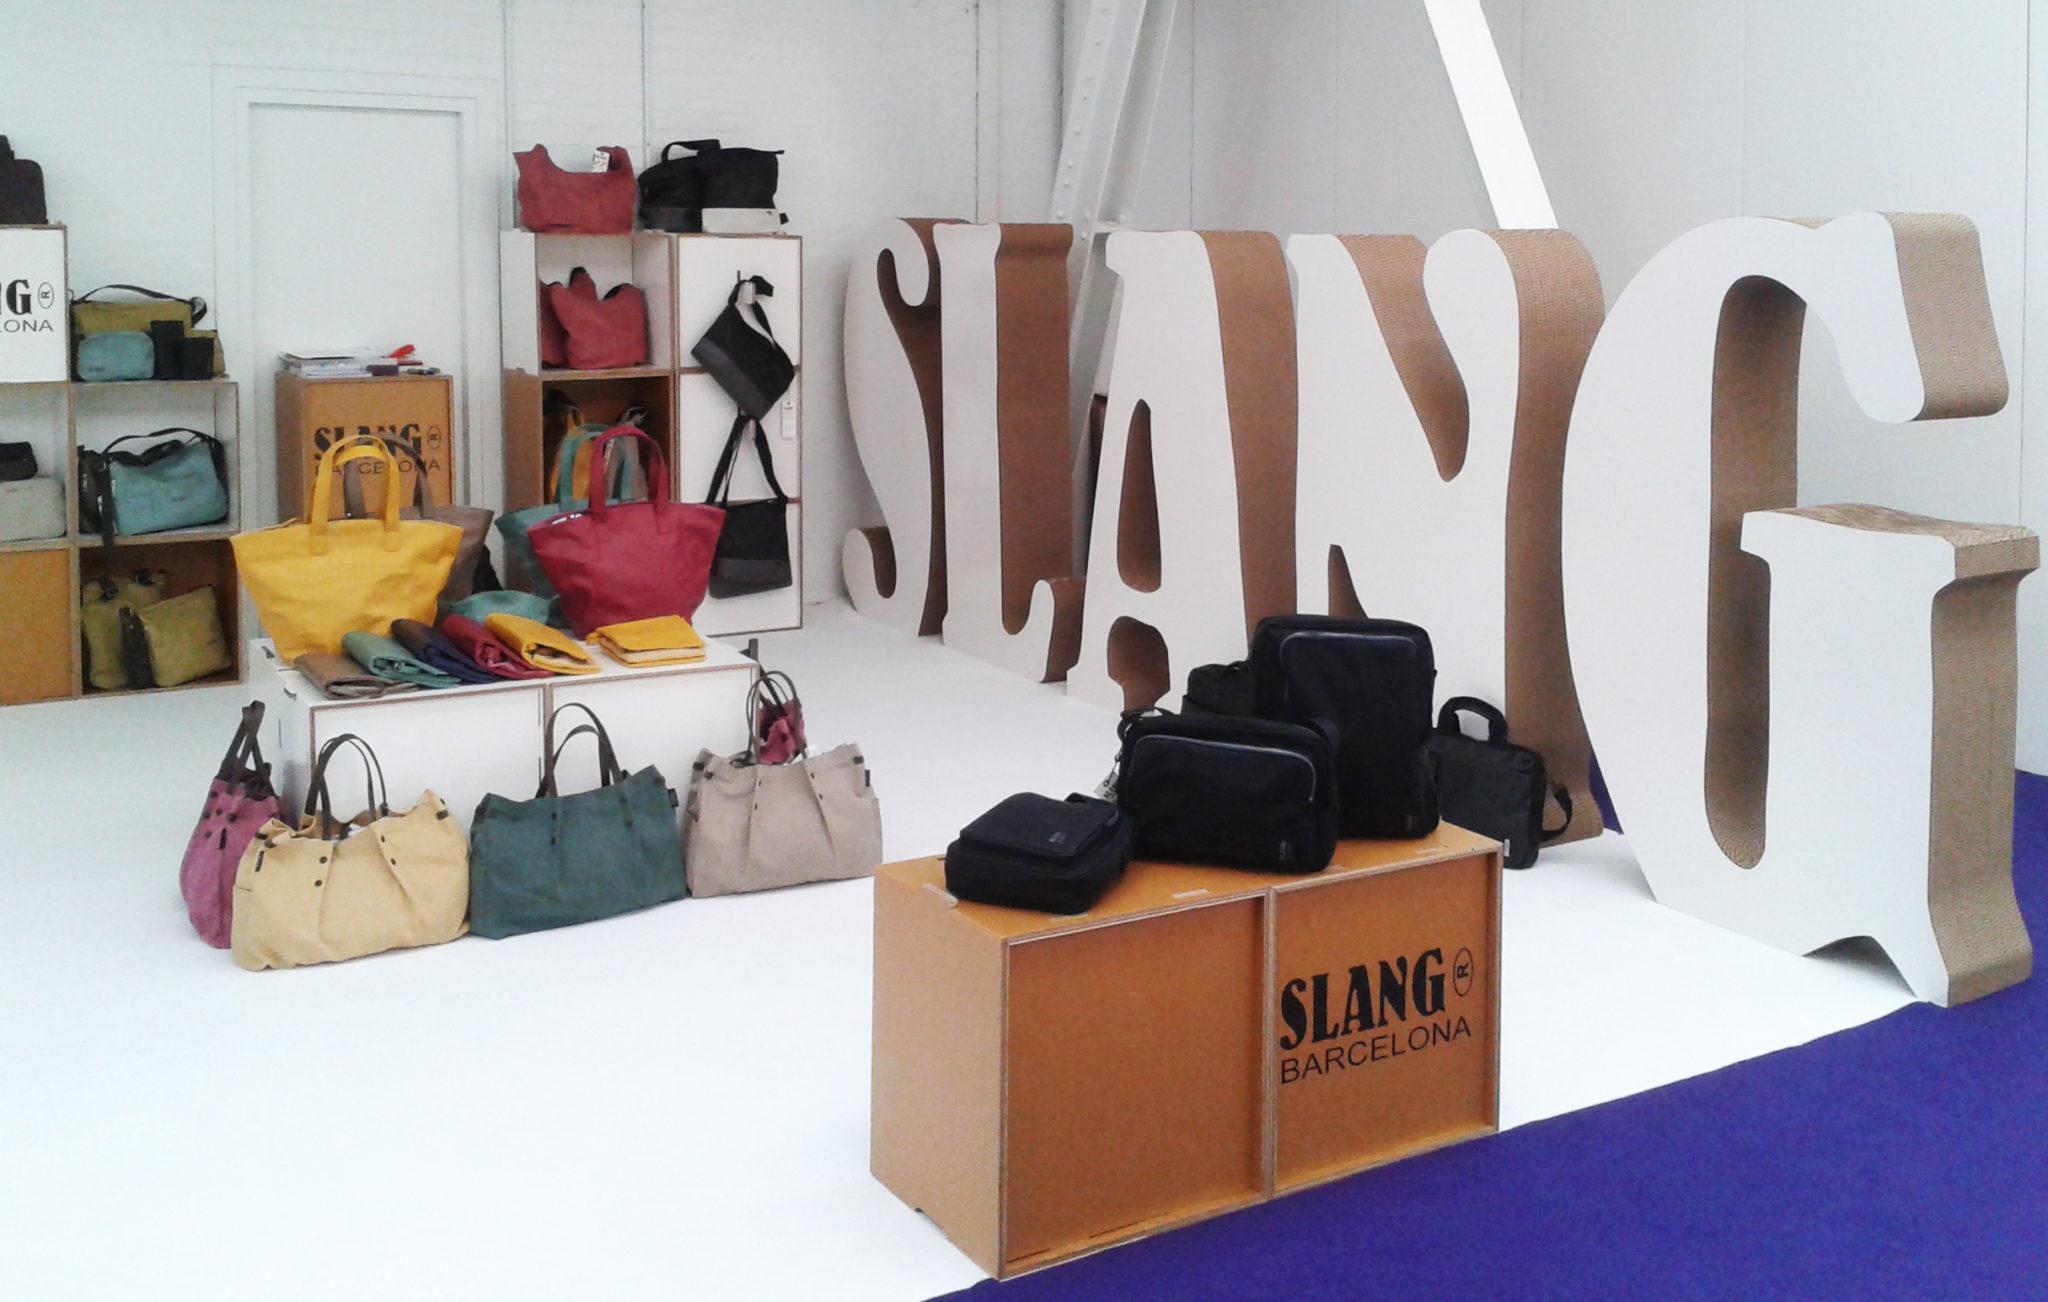 stand-de-carton-purelondon-cartonlab-slang-cardboard-01